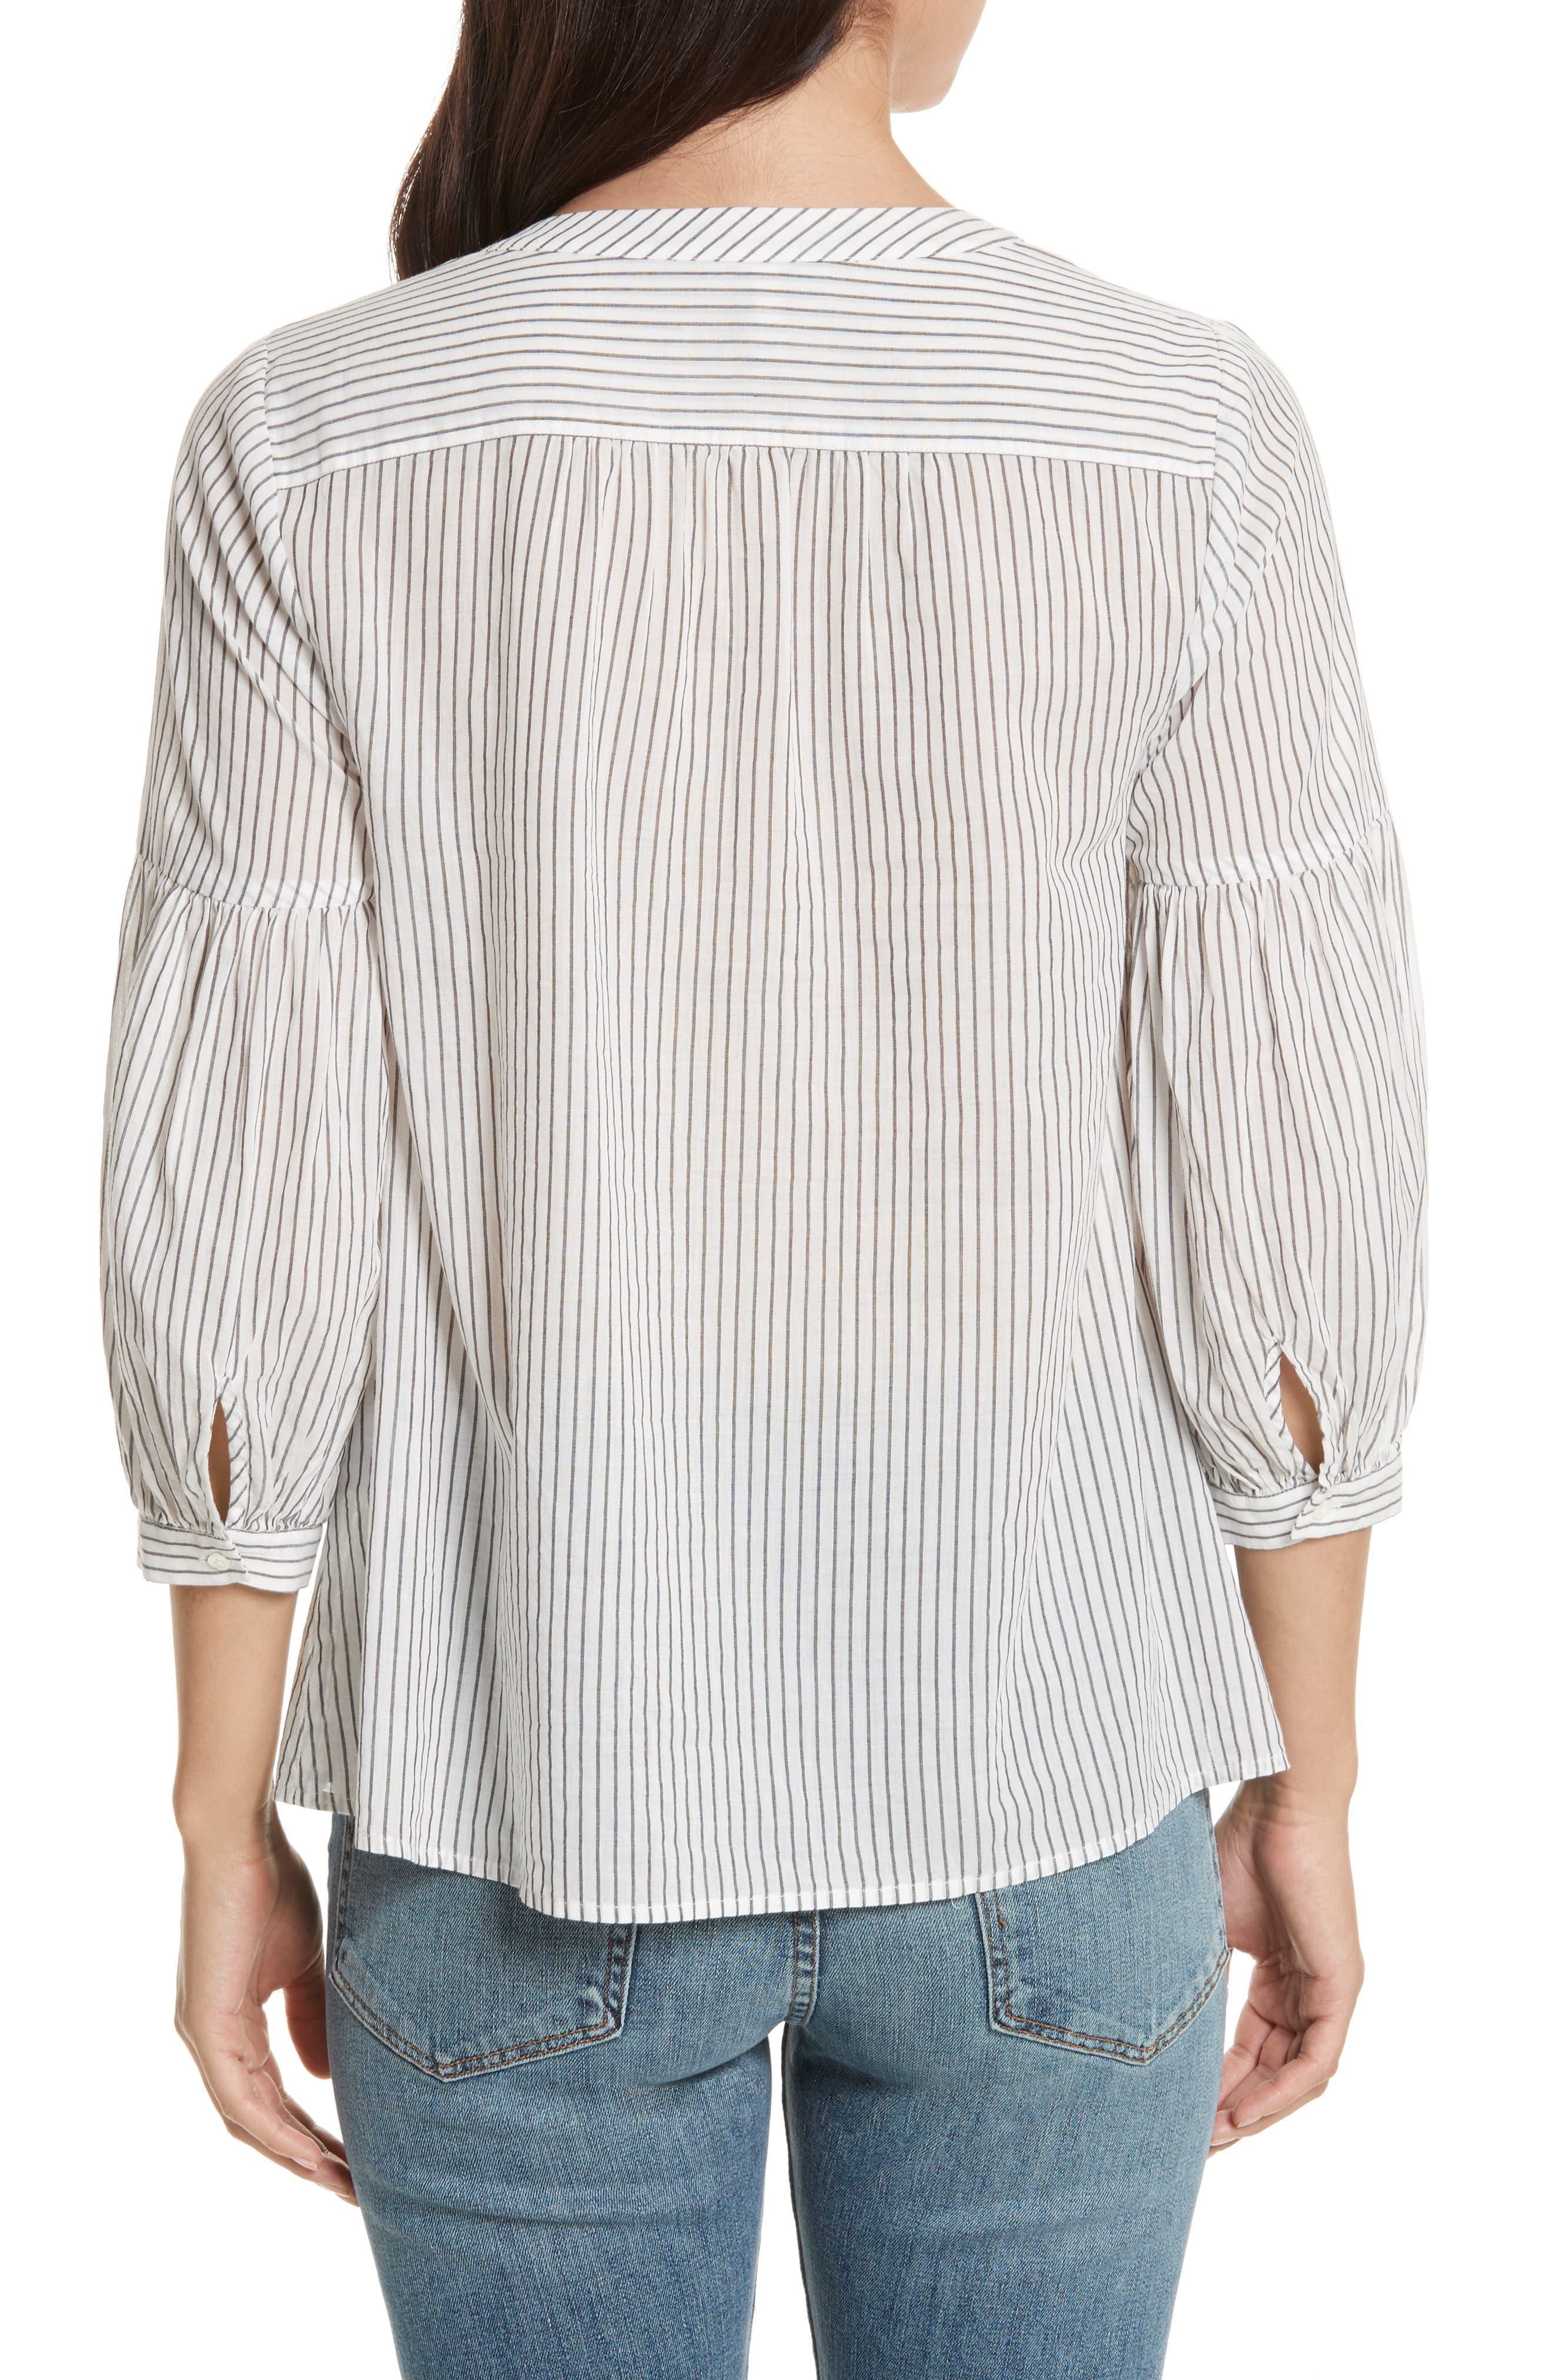 Aldys Stripe Cotton Top,                             Alternate thumbnail 2, color,                             114